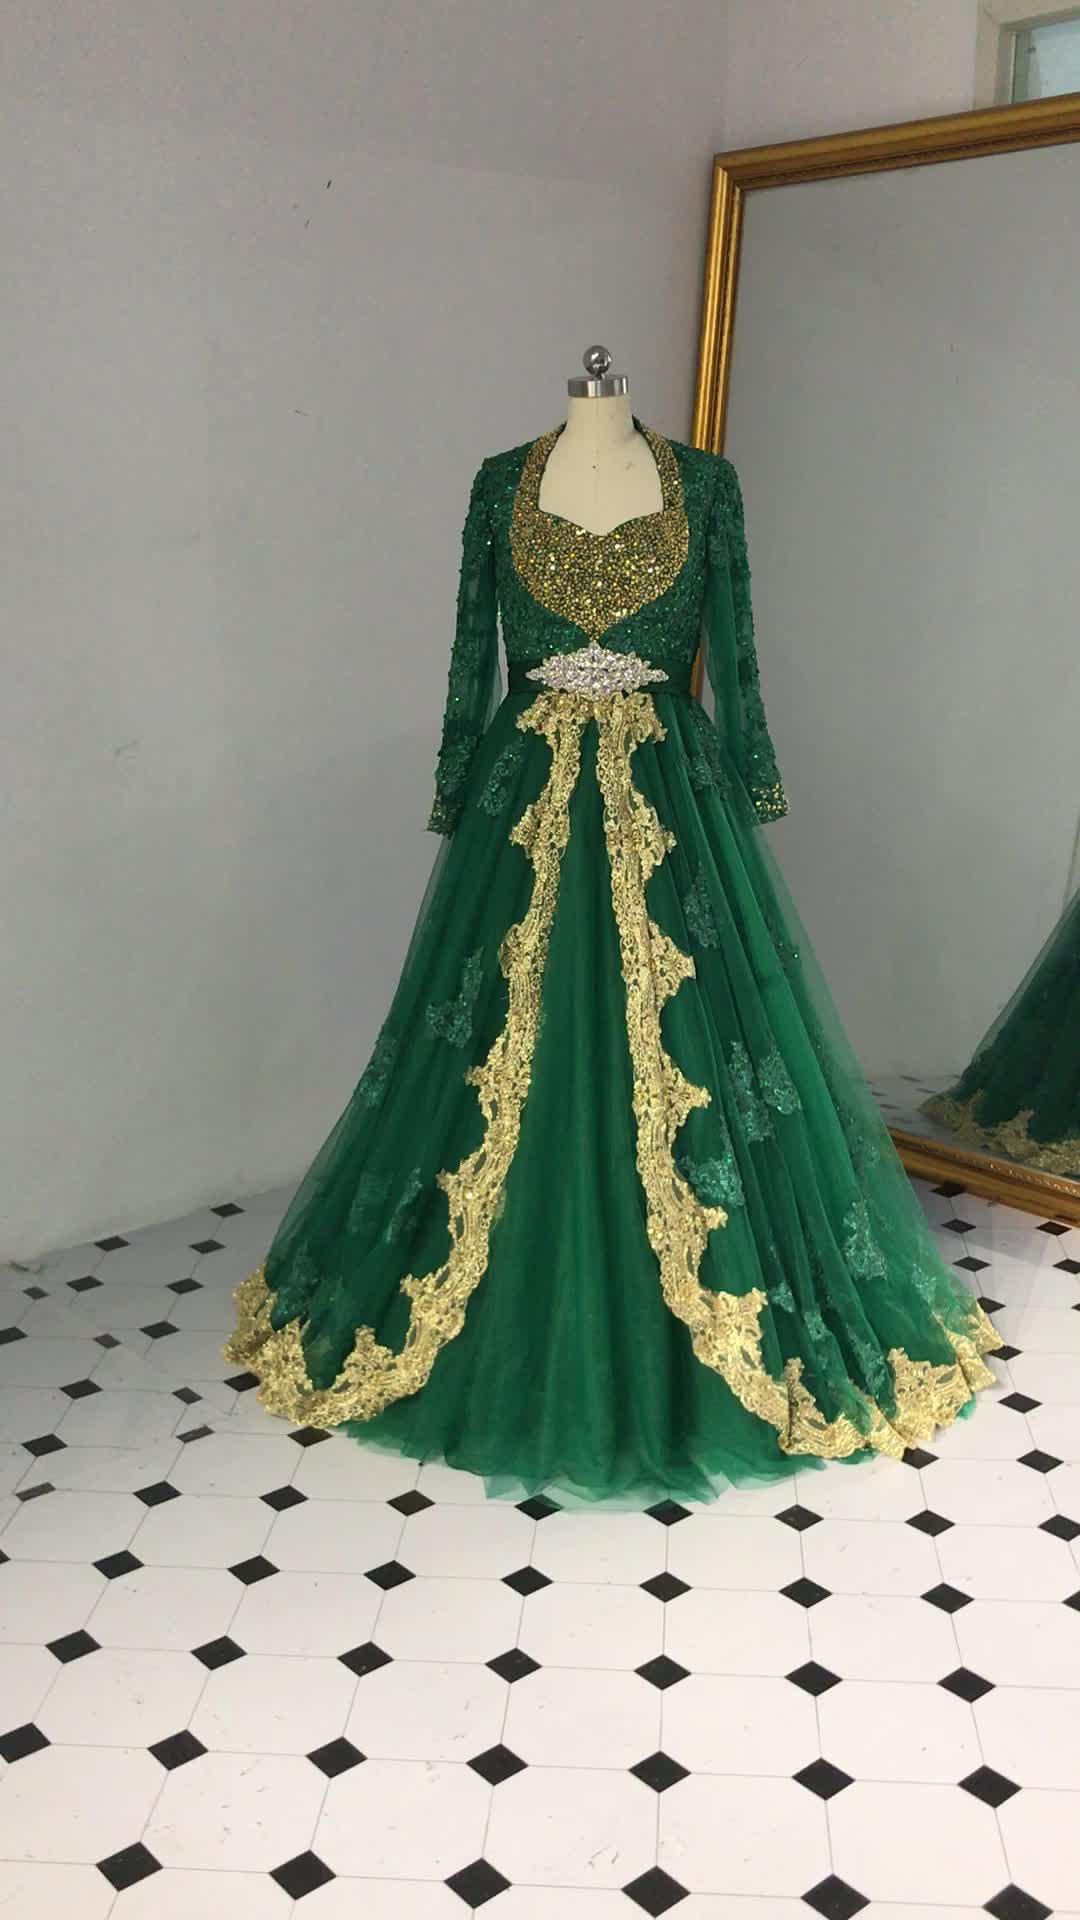 RSE890 Queen Anne Scollatura Indiano Abiti Da Sposa di Colore Verde A Maniche Lunghe Arabo Abito Da Sposa